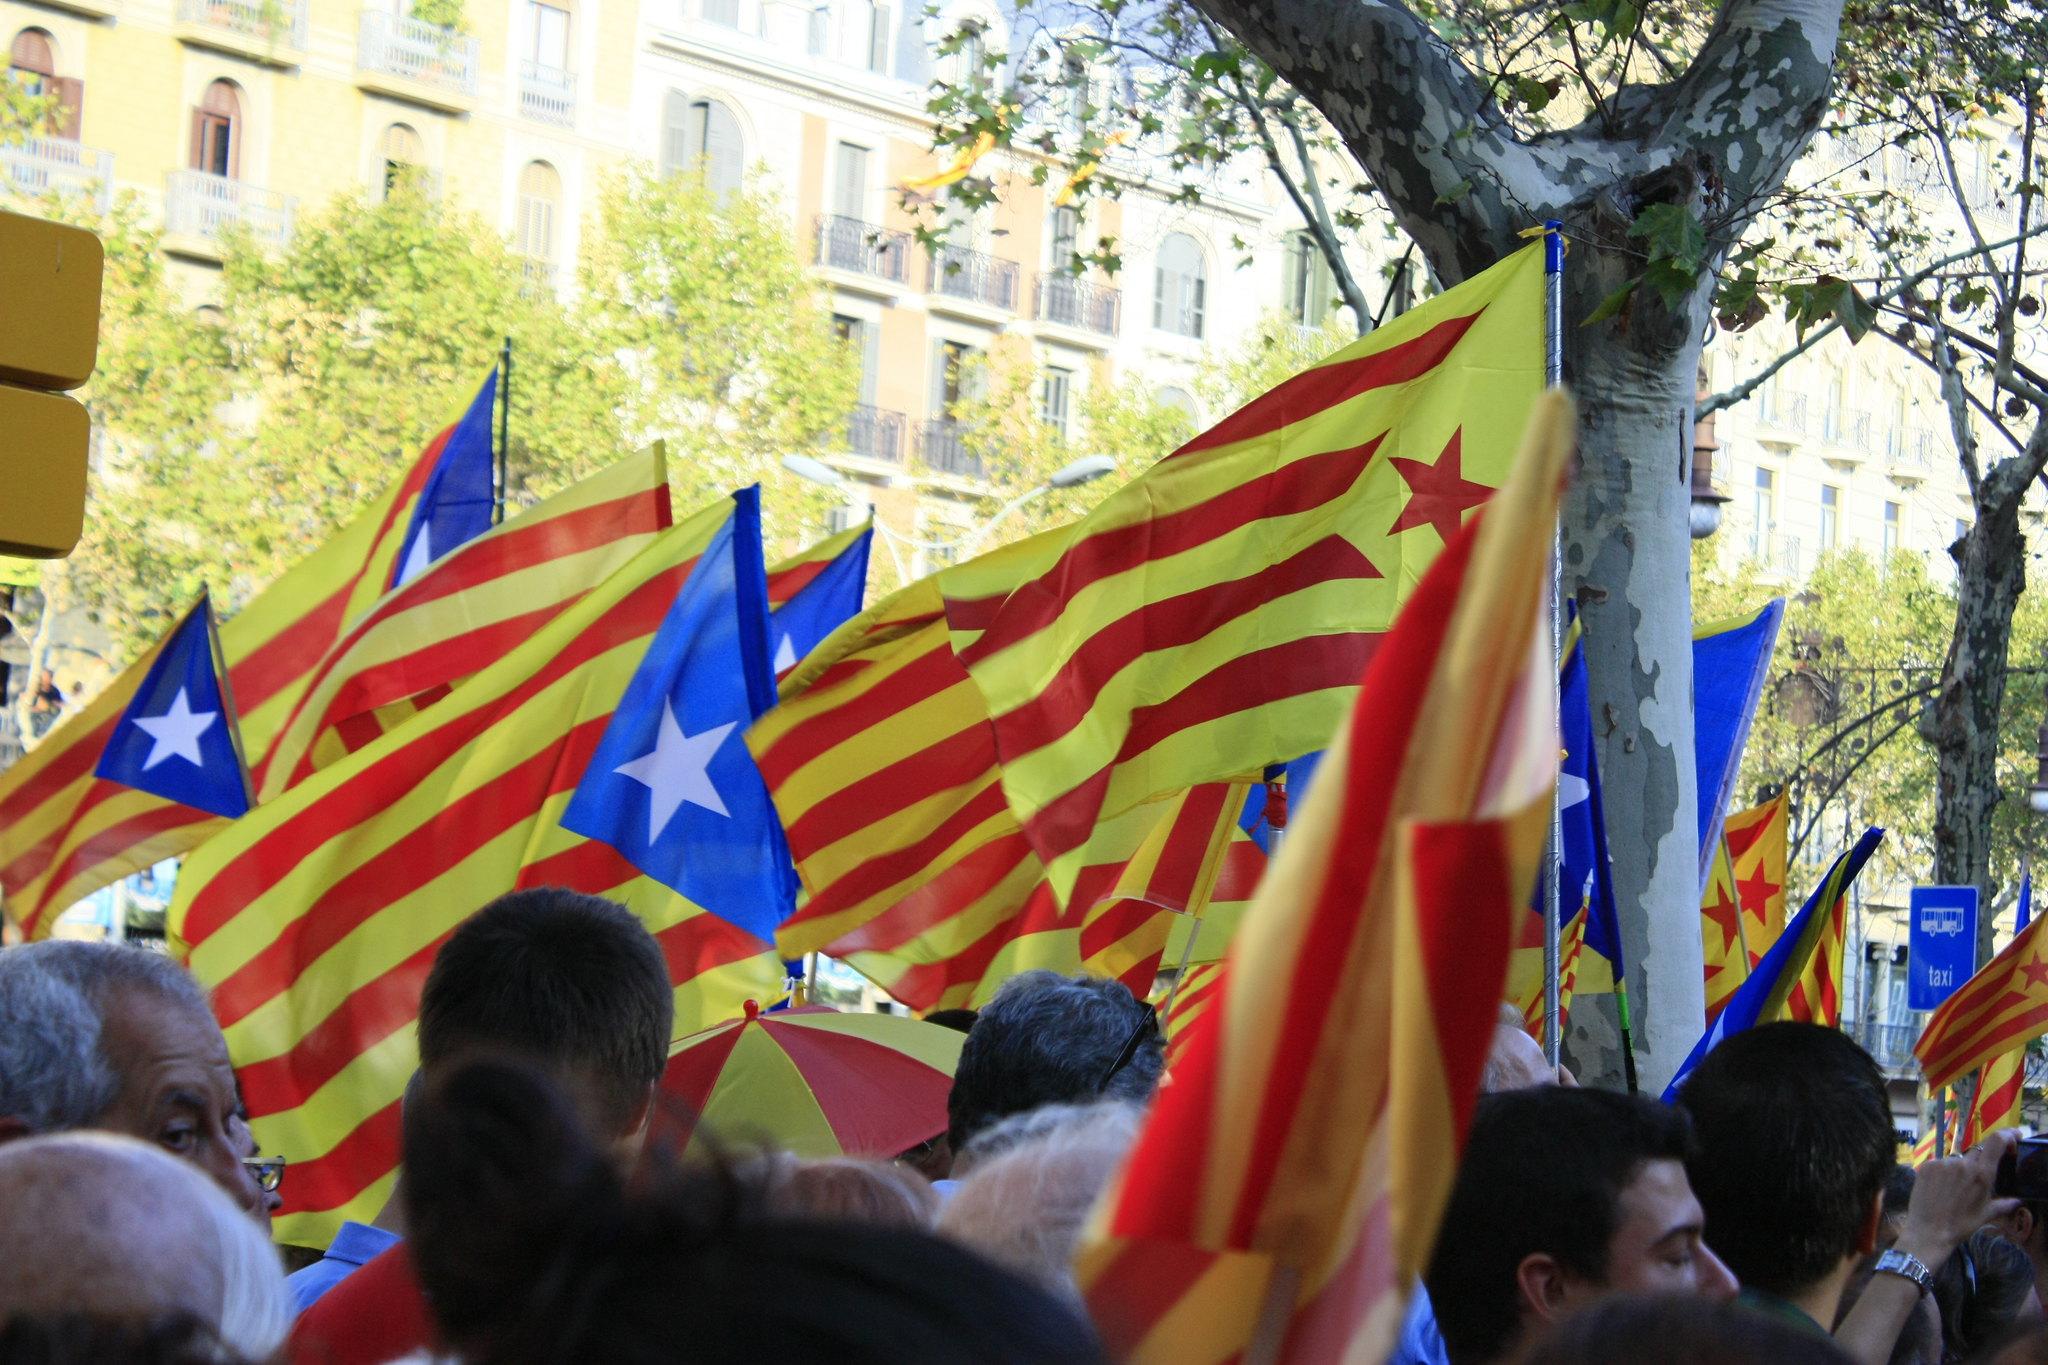 Catalonia_Francesc_González_Flickr_CC.jpg